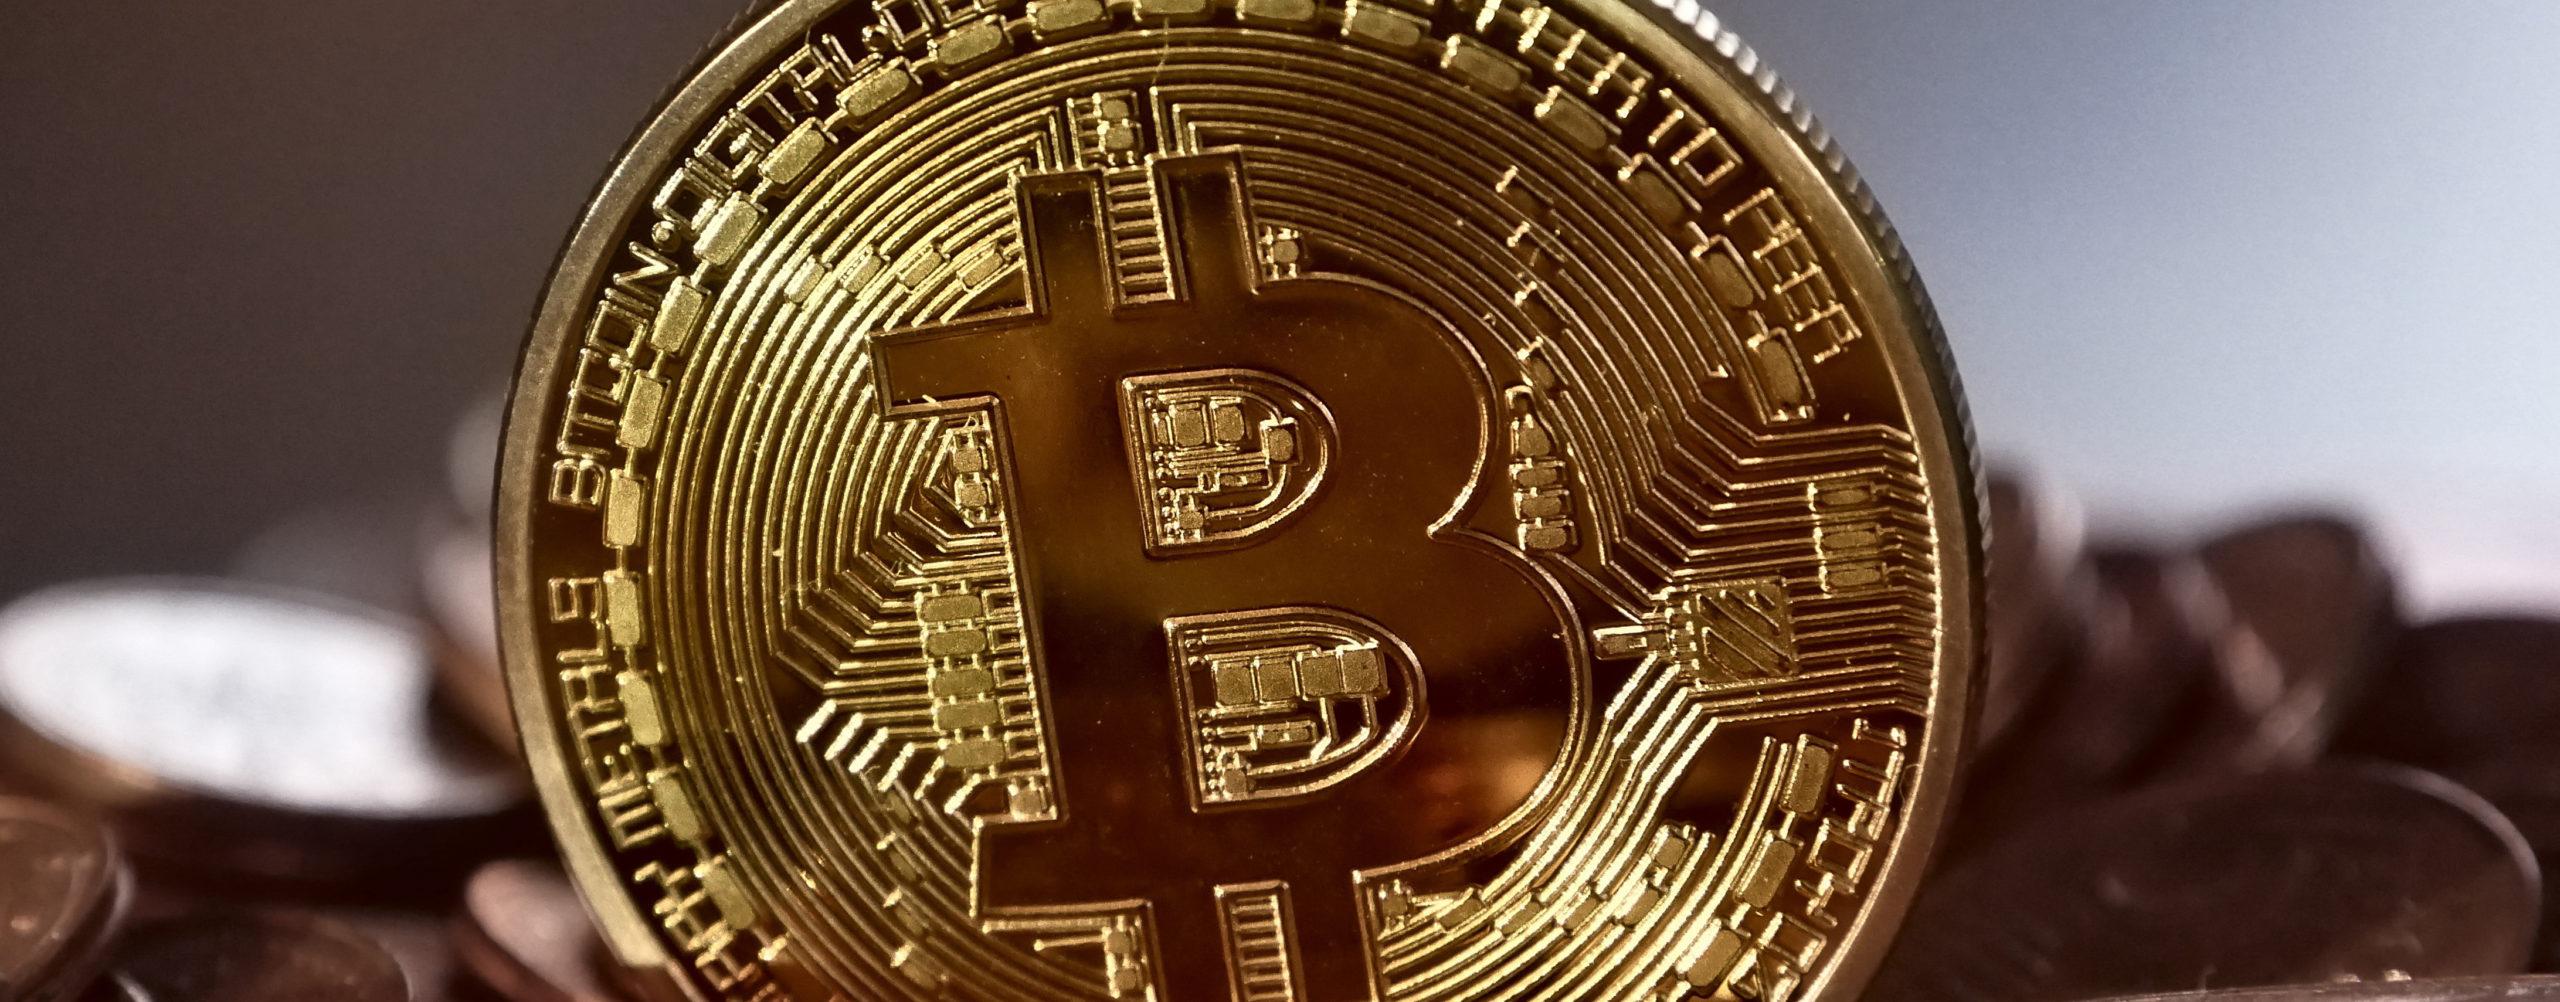 Bitcoin, la criptomoneda más famosa